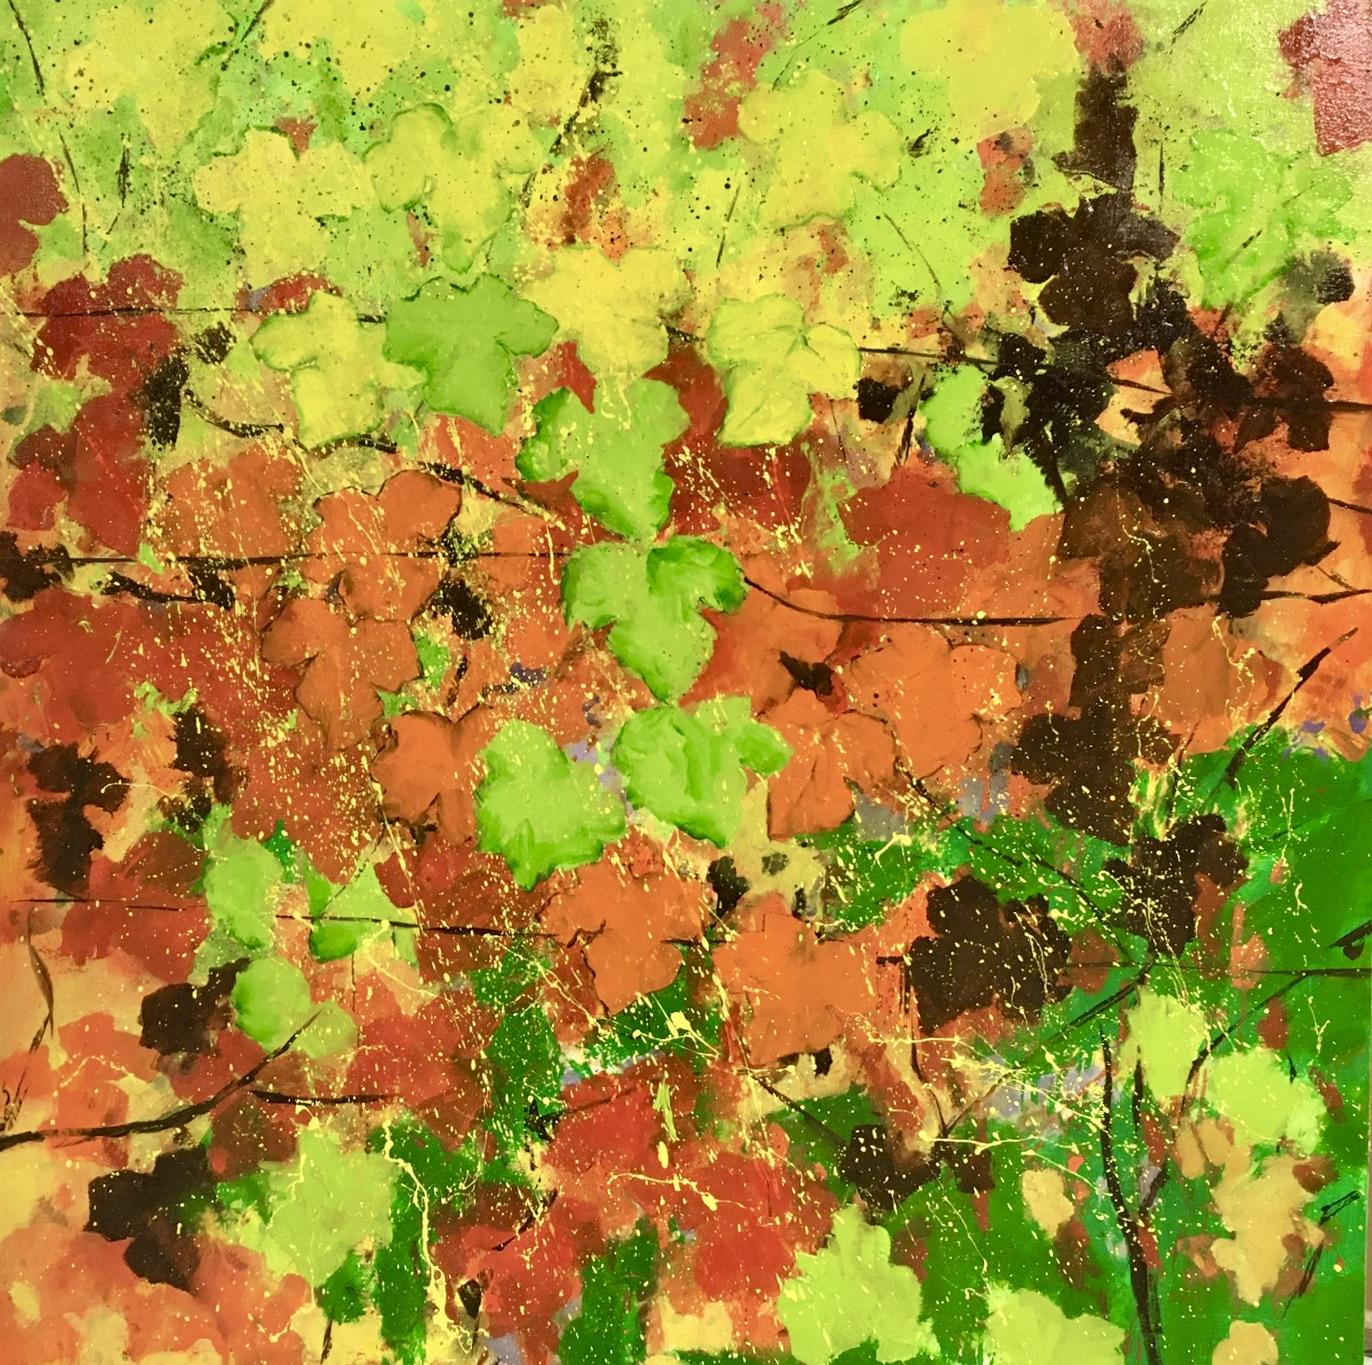 Vines in Autumn